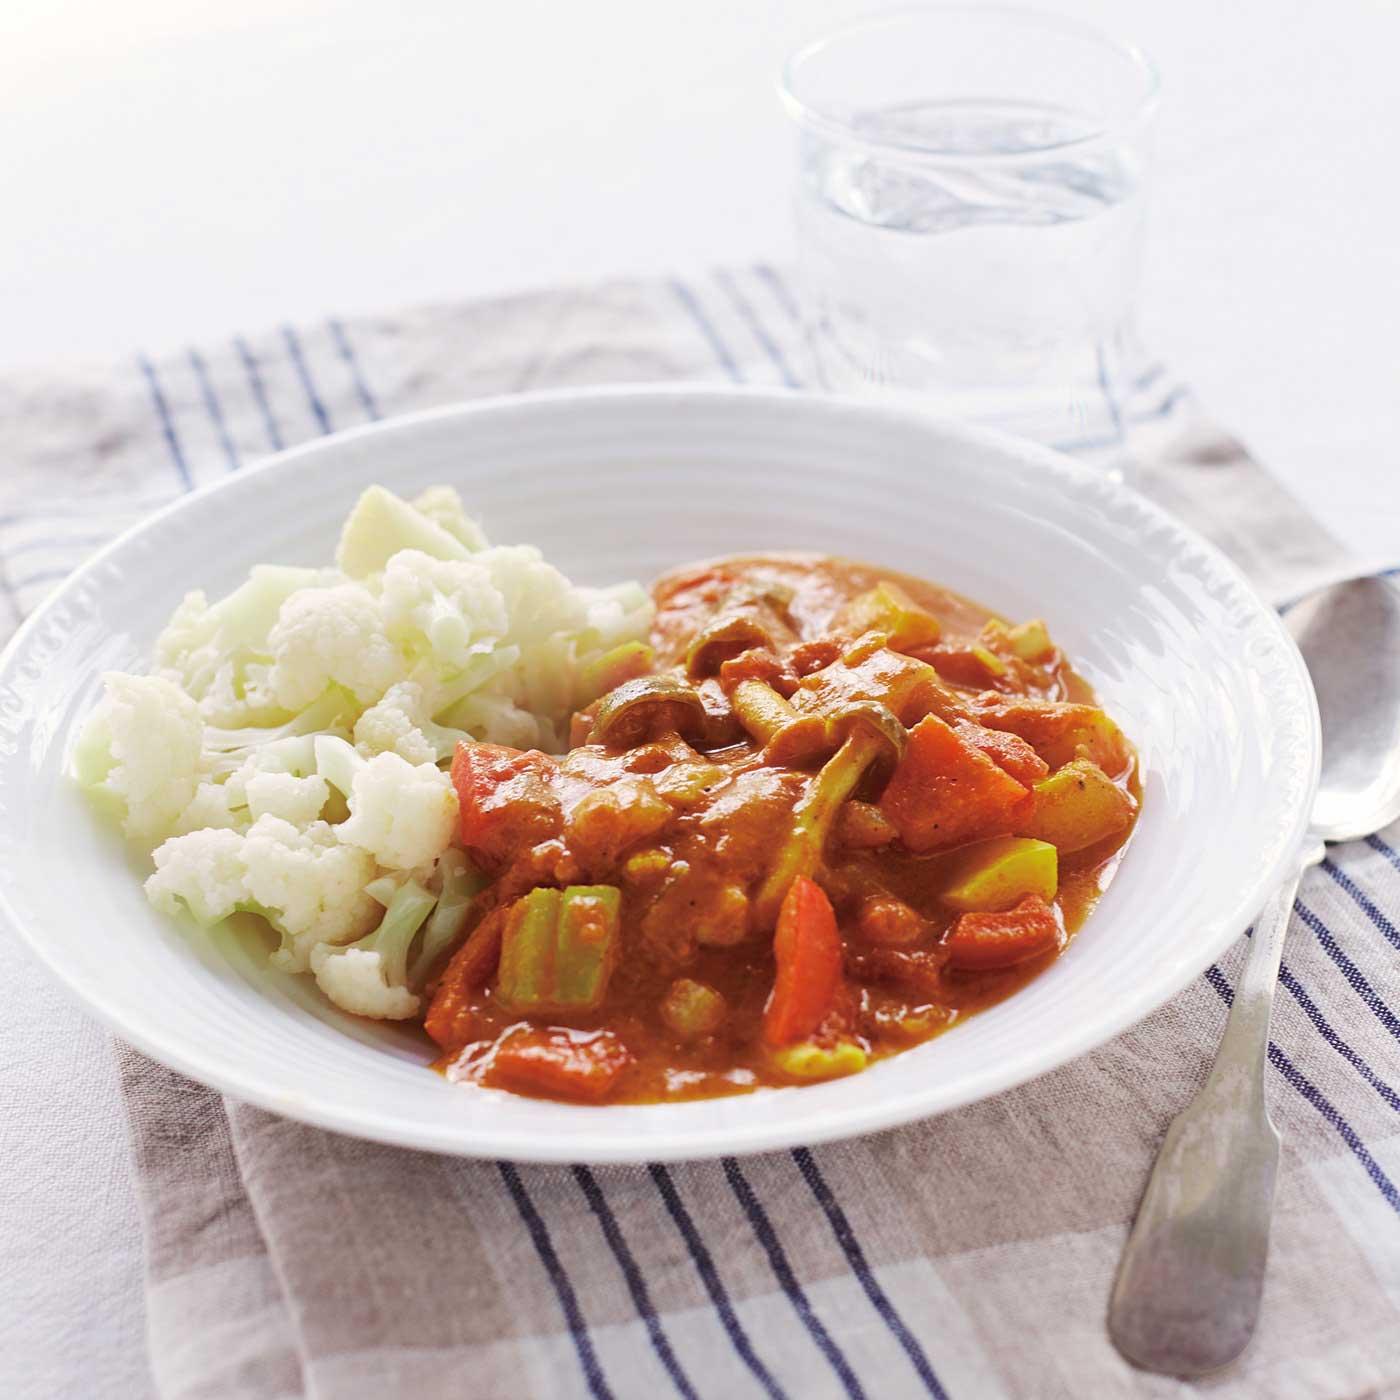 ※調理例です。野菜カレー用:野菜だけで作るカレーはベジタリアンのみならずおすすめ。野菜の旨みが充分に引き出せるようにスパイスをブレンドしました。